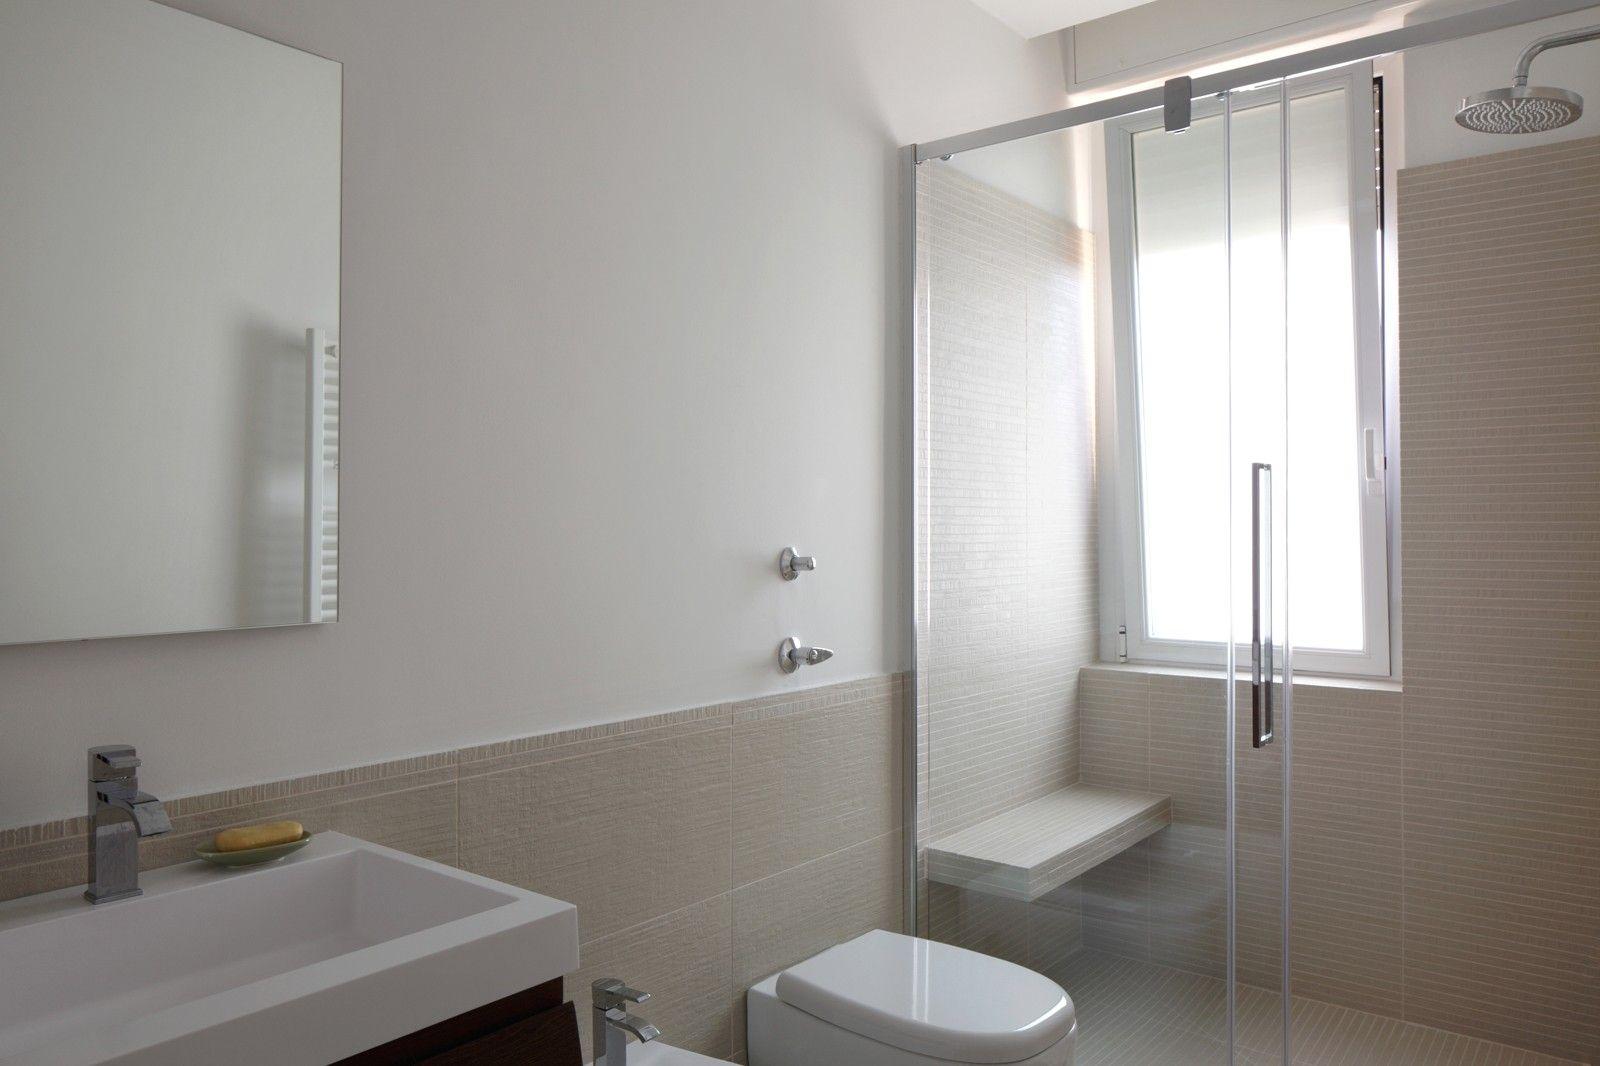 Pareti Grigie Con Glitter : Piastrelle bagno con brillantini awesome pavimenti e effetto marmo